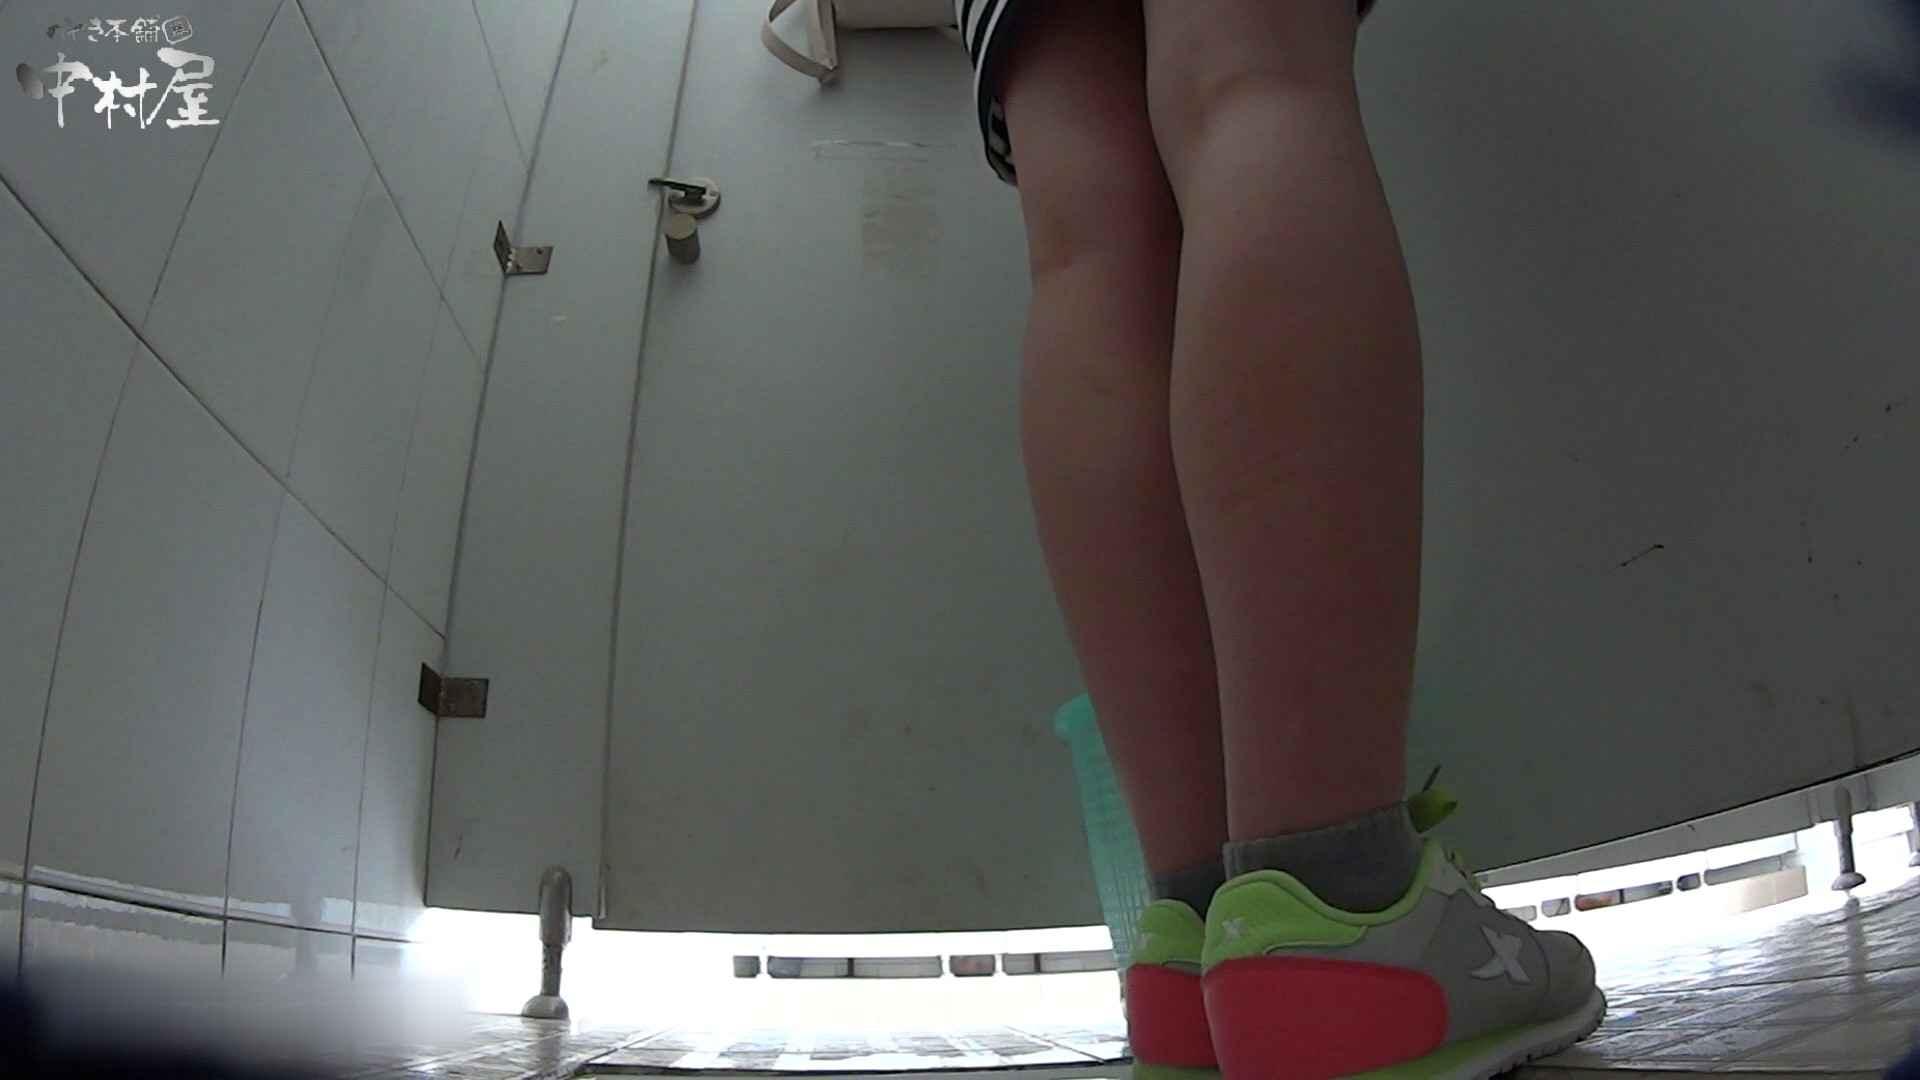 美しい女良たちのトイレ事情 有名大学休憩時間の洗面所事情06 高画質 AV無料動画キャプチャ 47連発 13